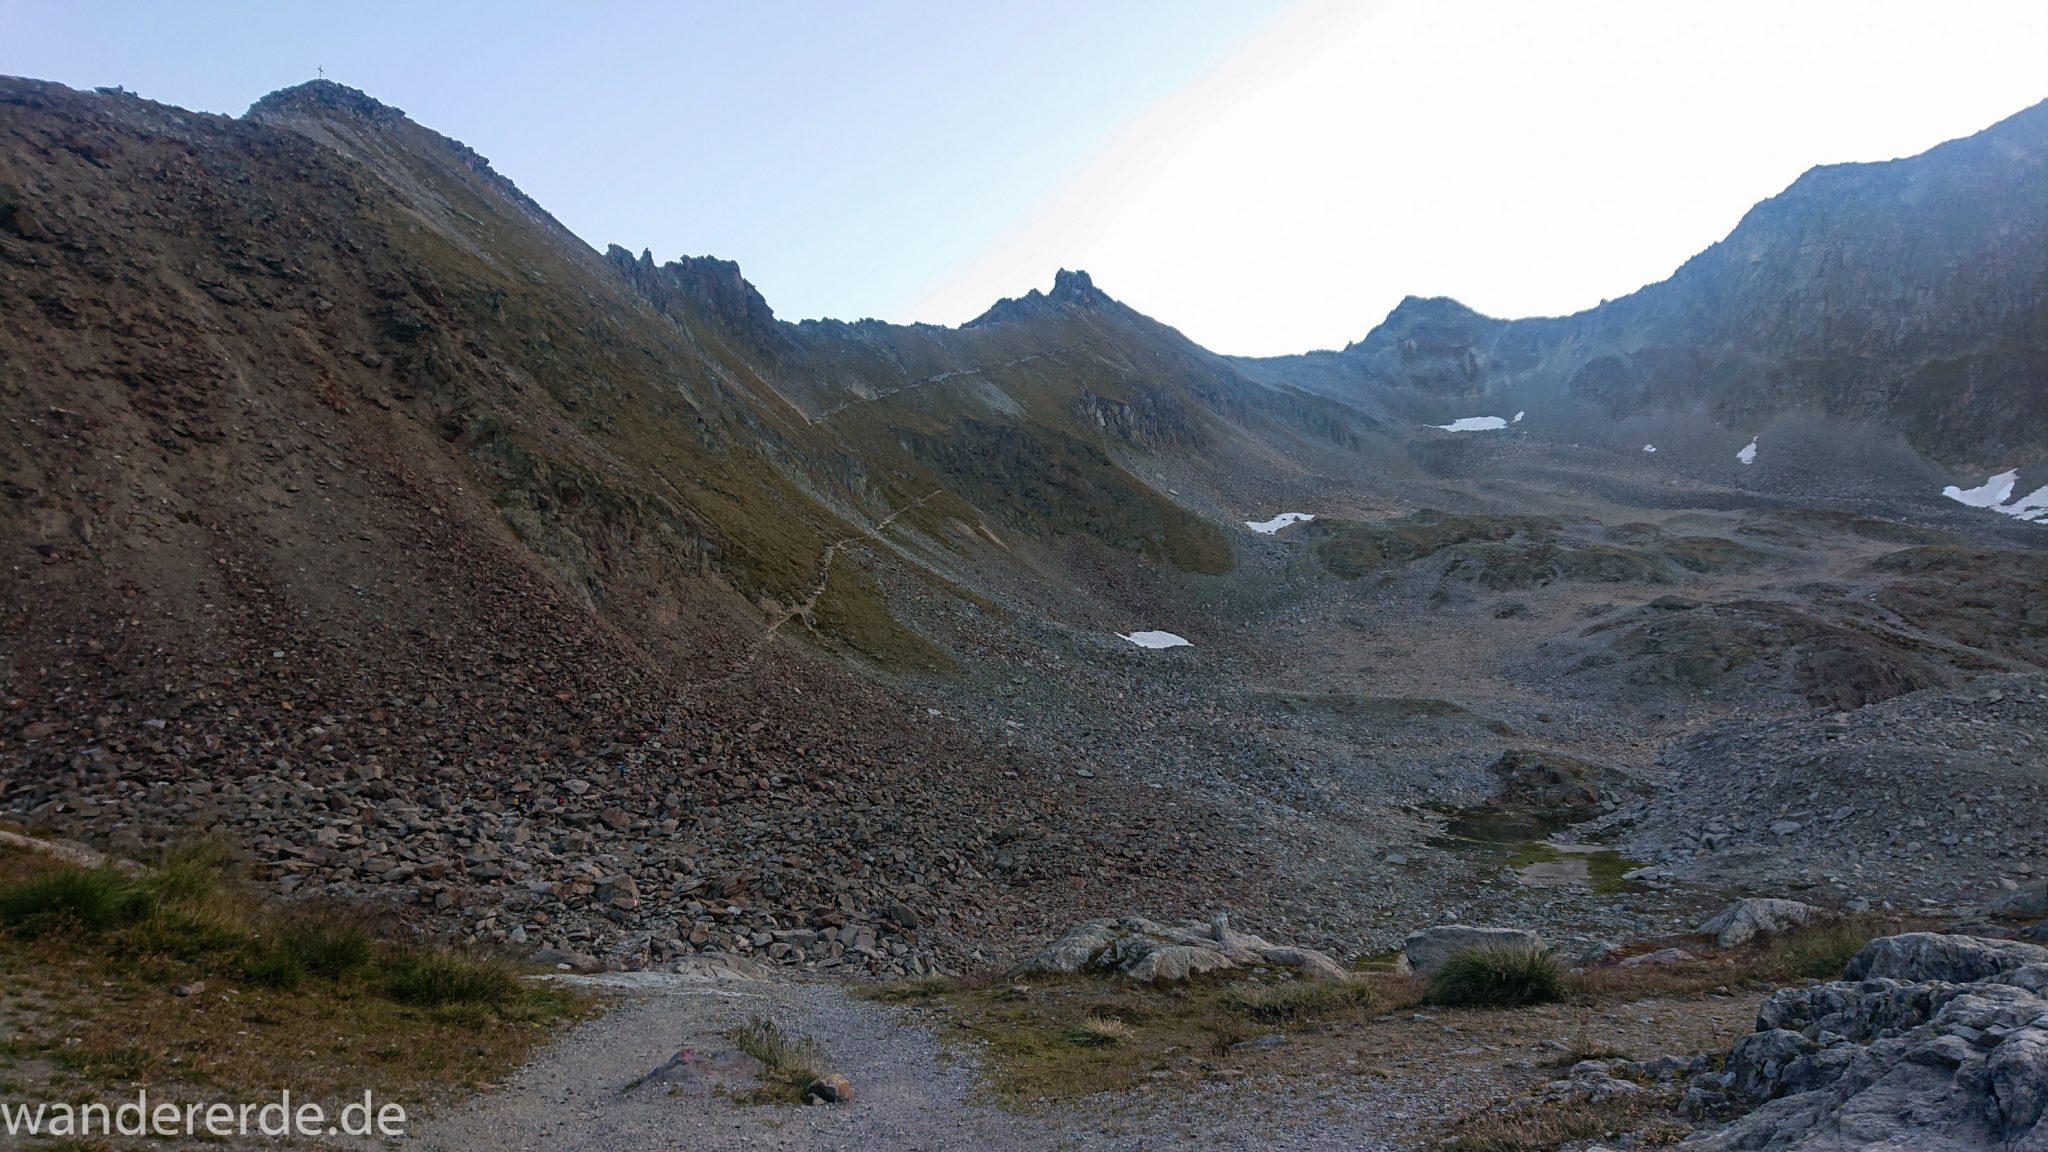 Alpenüberquerung Fernwanderweg E5 Oberstdorf Meran, 5. Etappe von Braunschweiger Hütte zur Martin-Busch-Hütte, zu Beginn der 5. Etappe Blick auf steilen und schmalen Wanderweg mit viel Geröll hinauf zum Pitztaler Jöchl, beeindruckende Berge türmen sich vor einem auf, Reste von Schneefeldern